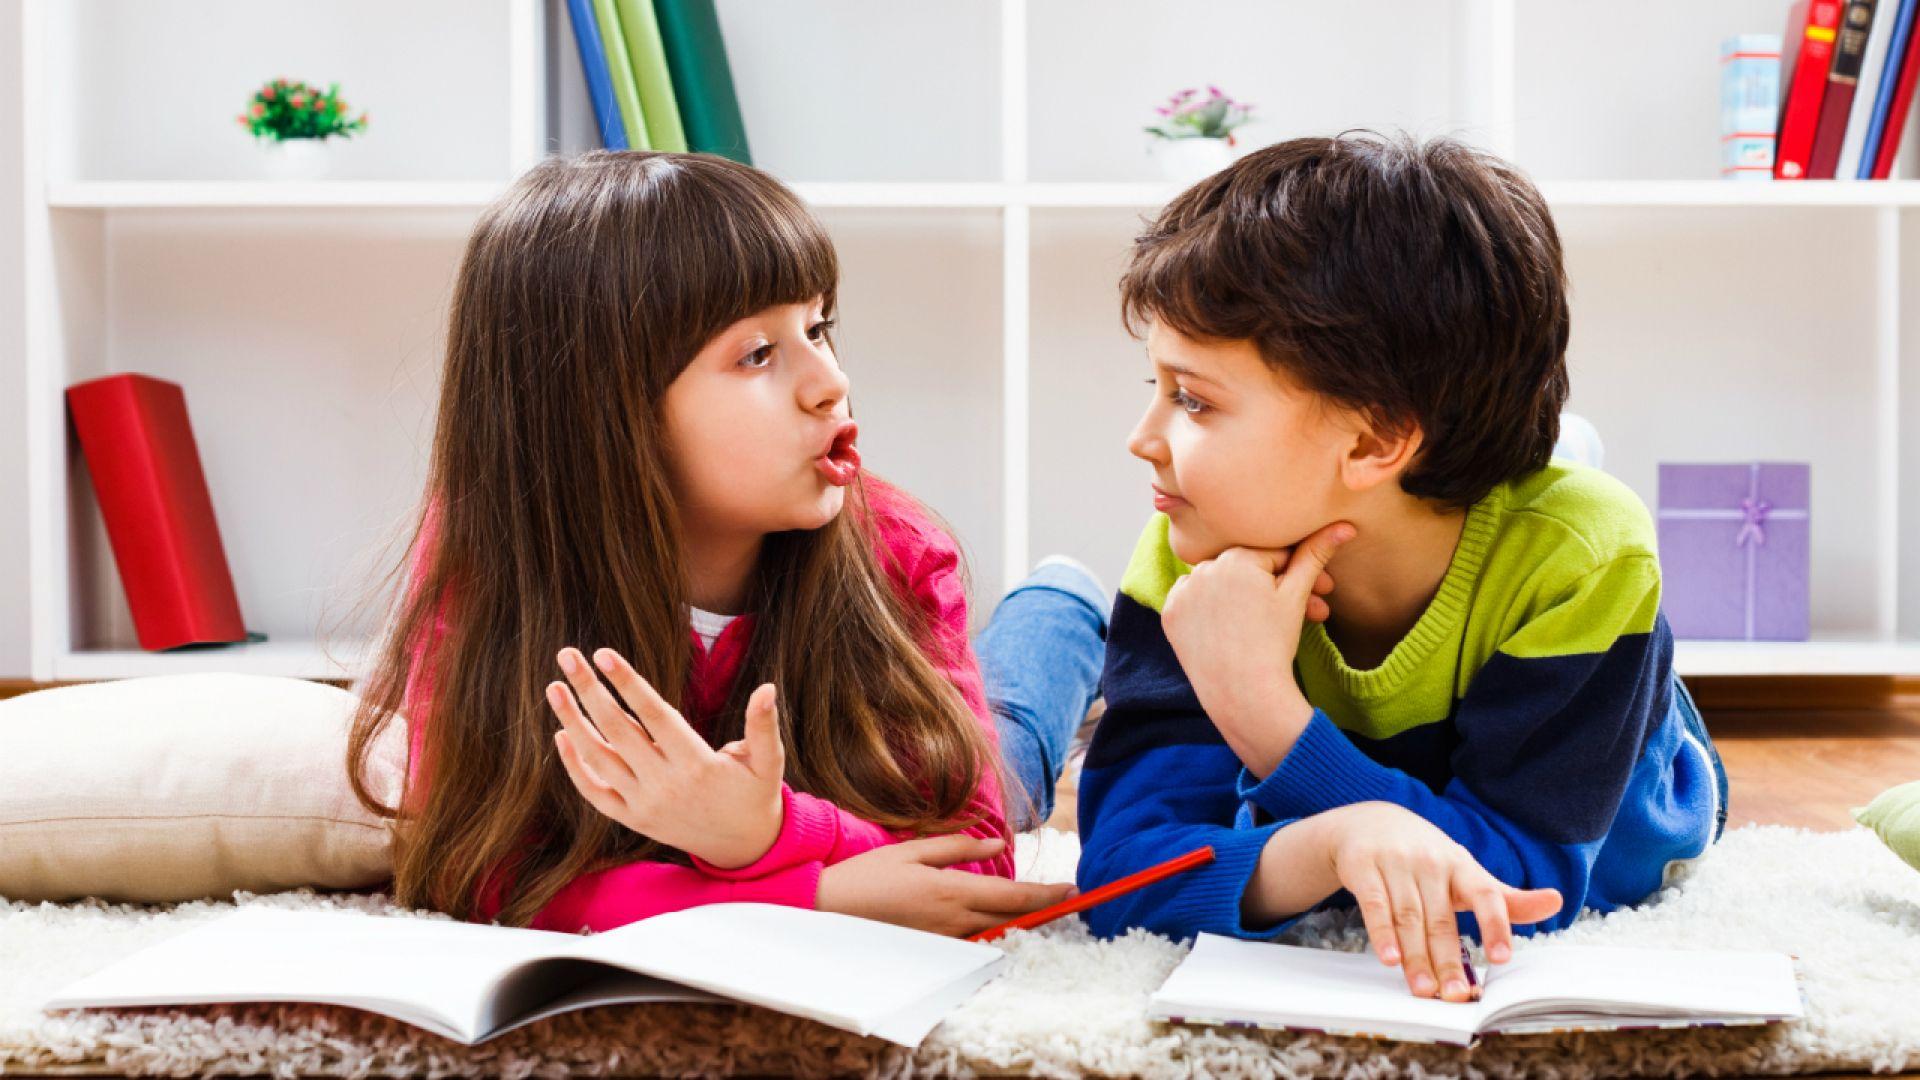 О том, как научить детей доброте и хорошим манерам